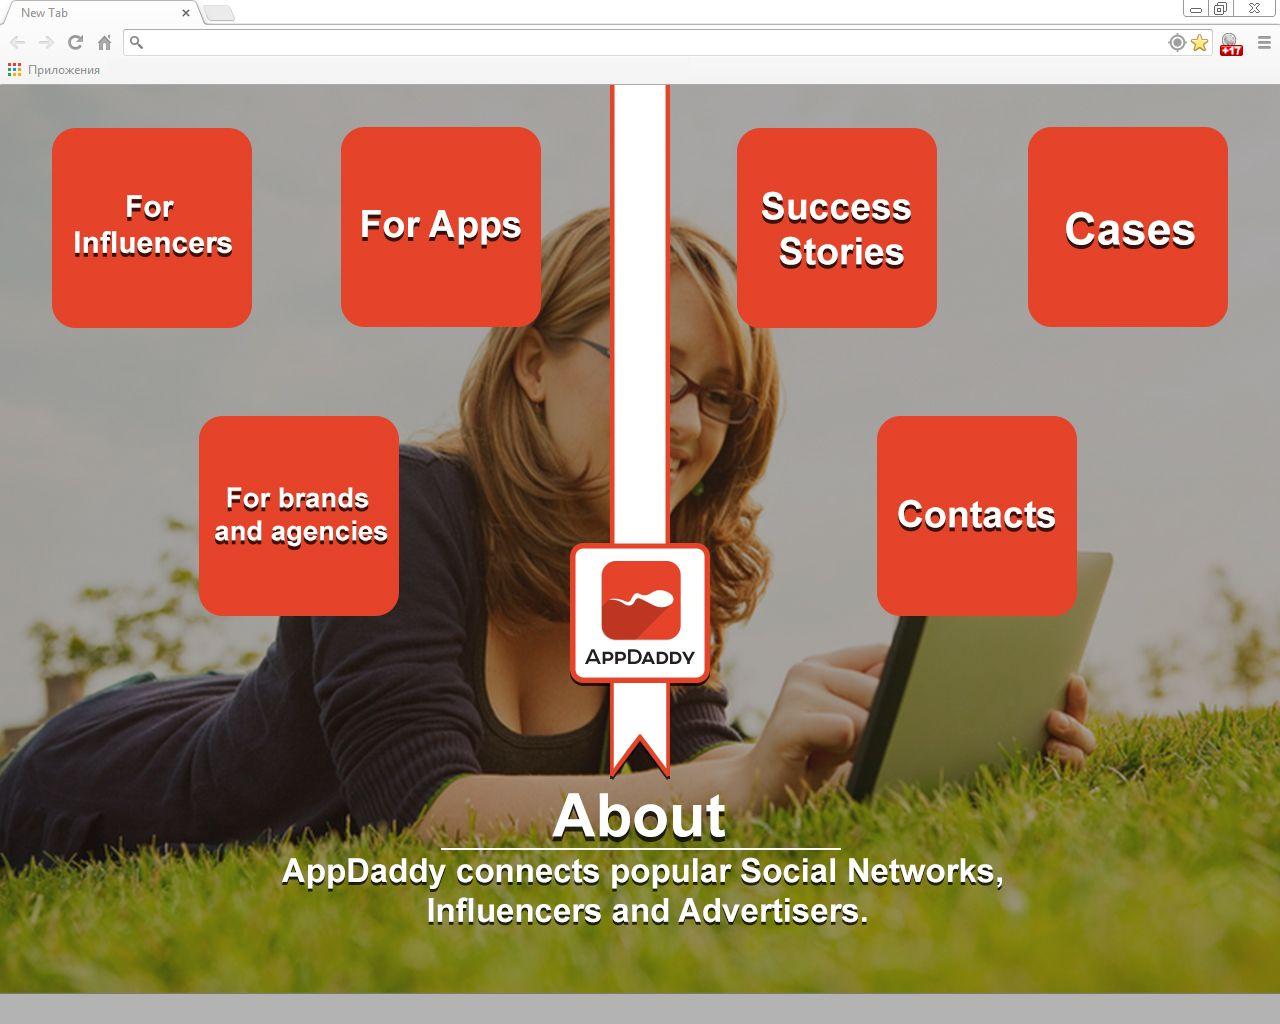 Адаптивный дизайн главной сайта (под мобилки) - дизайнер KirEr42Kir